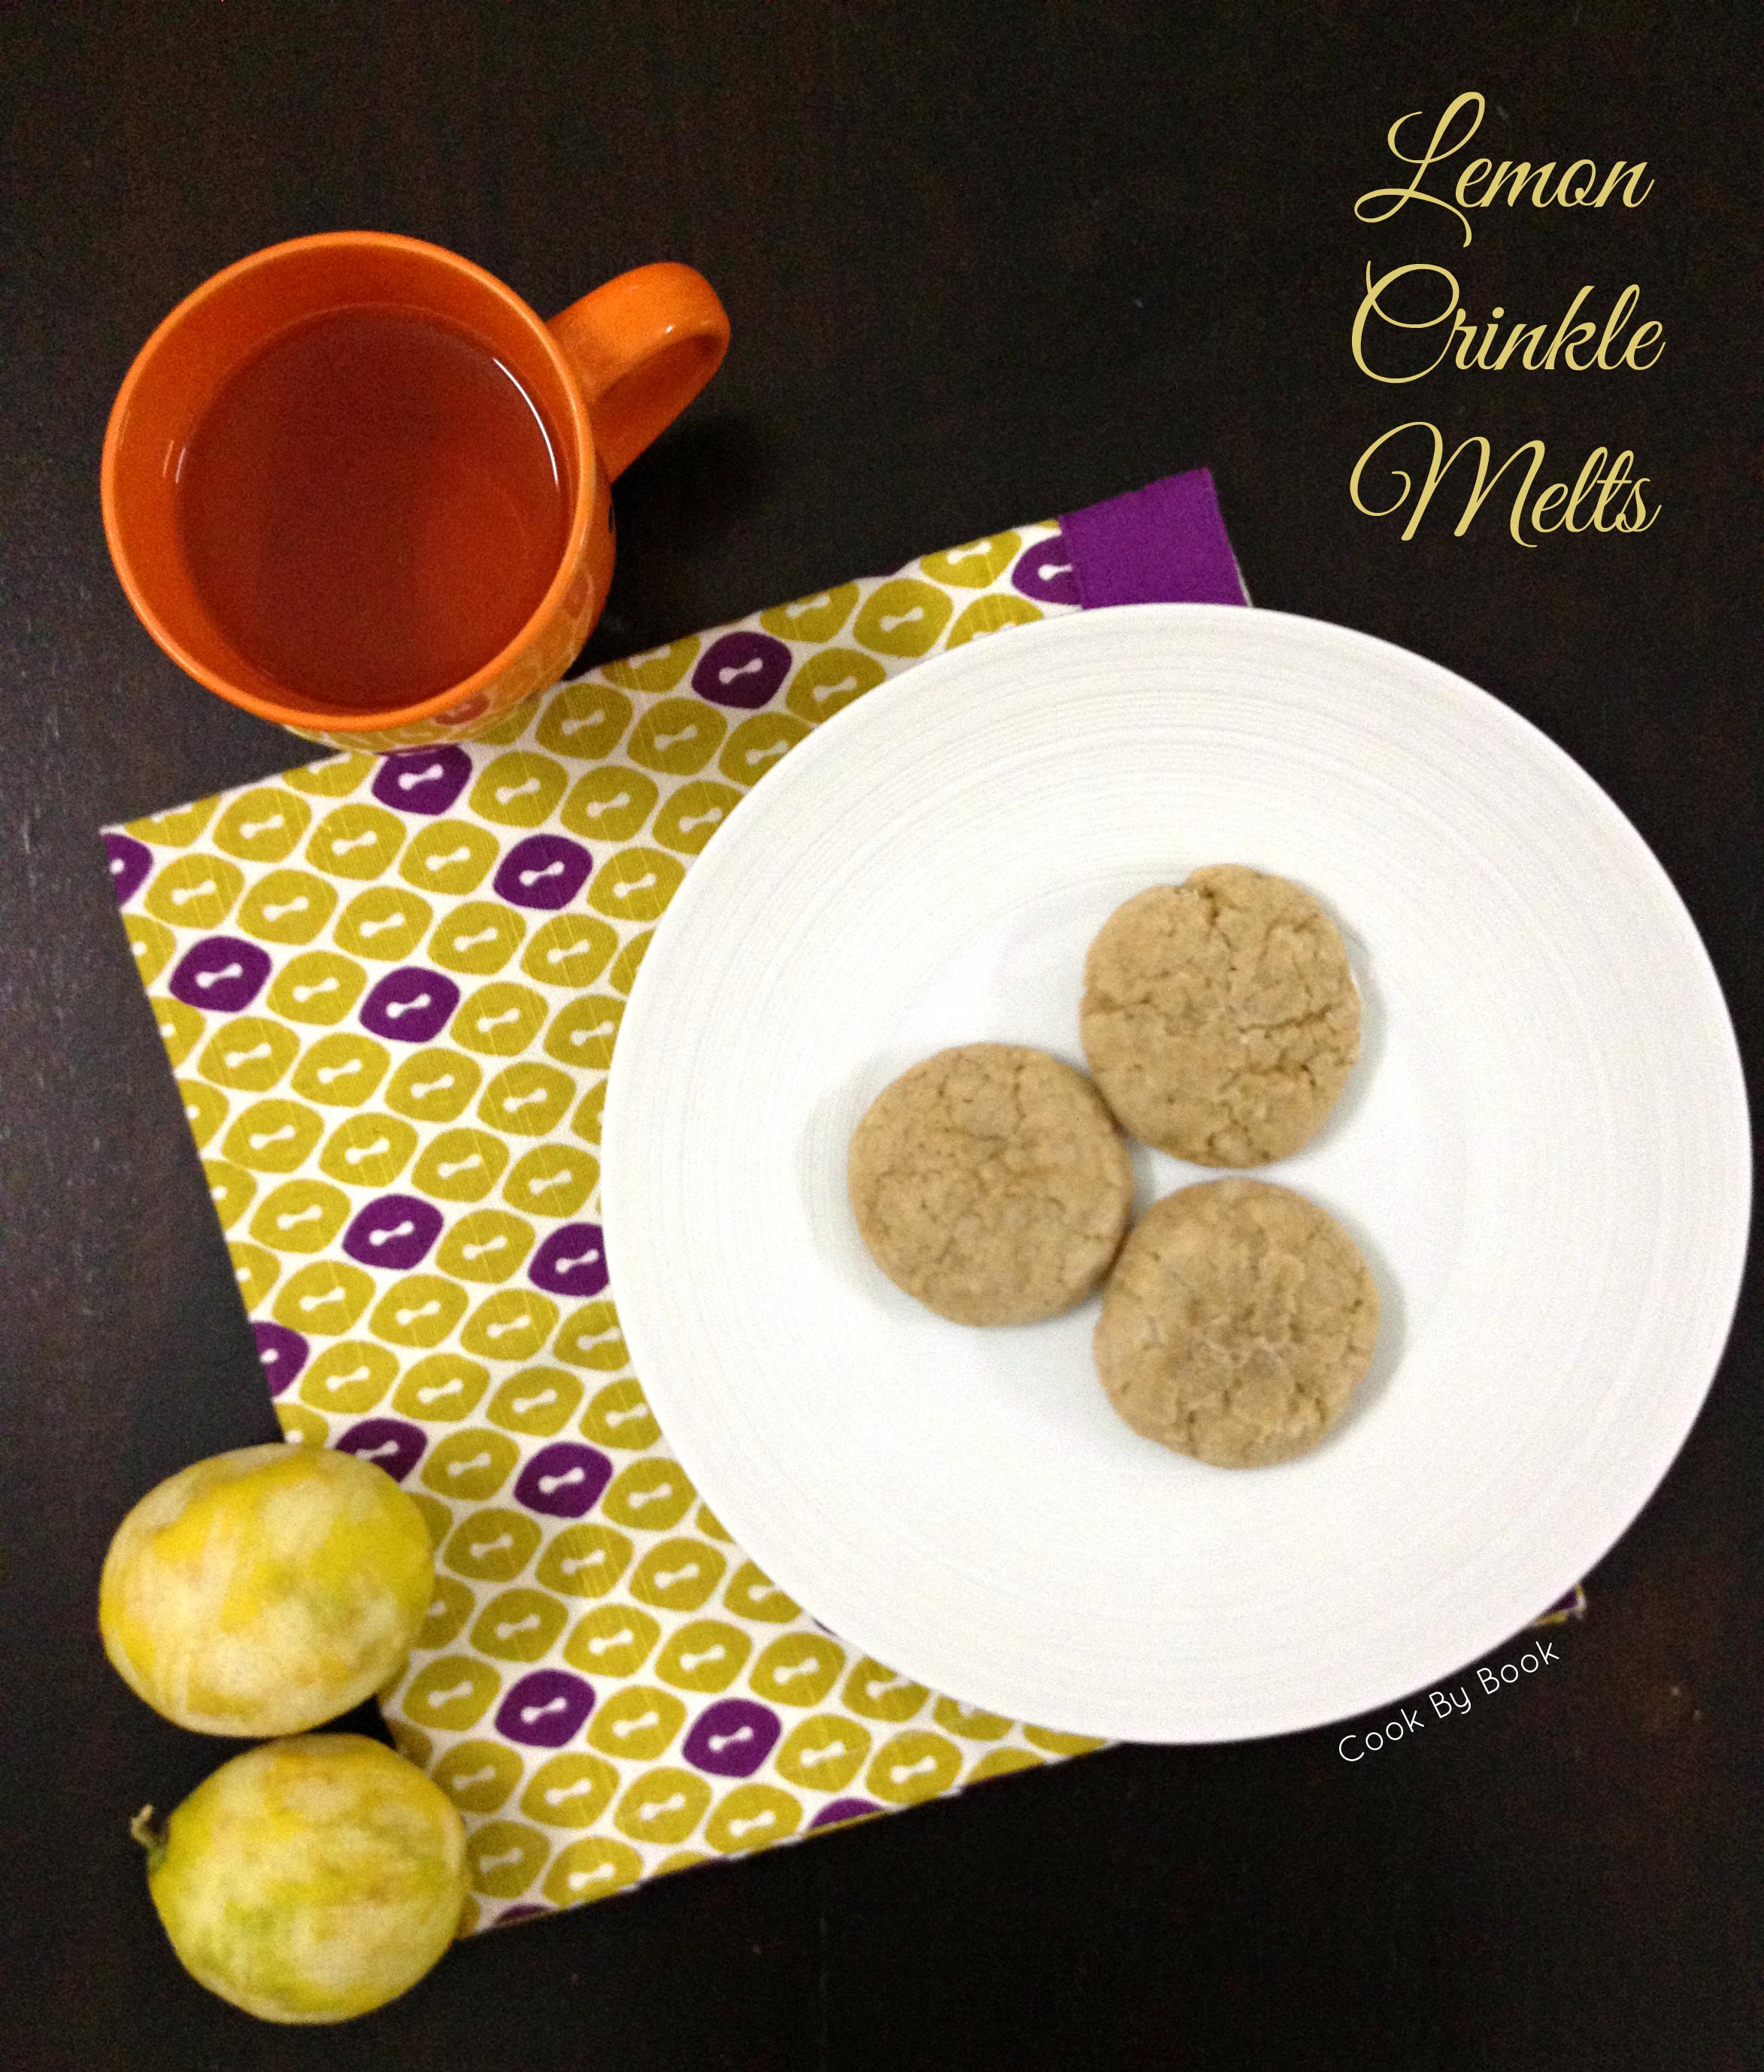 Lemon Crinkle Melts1